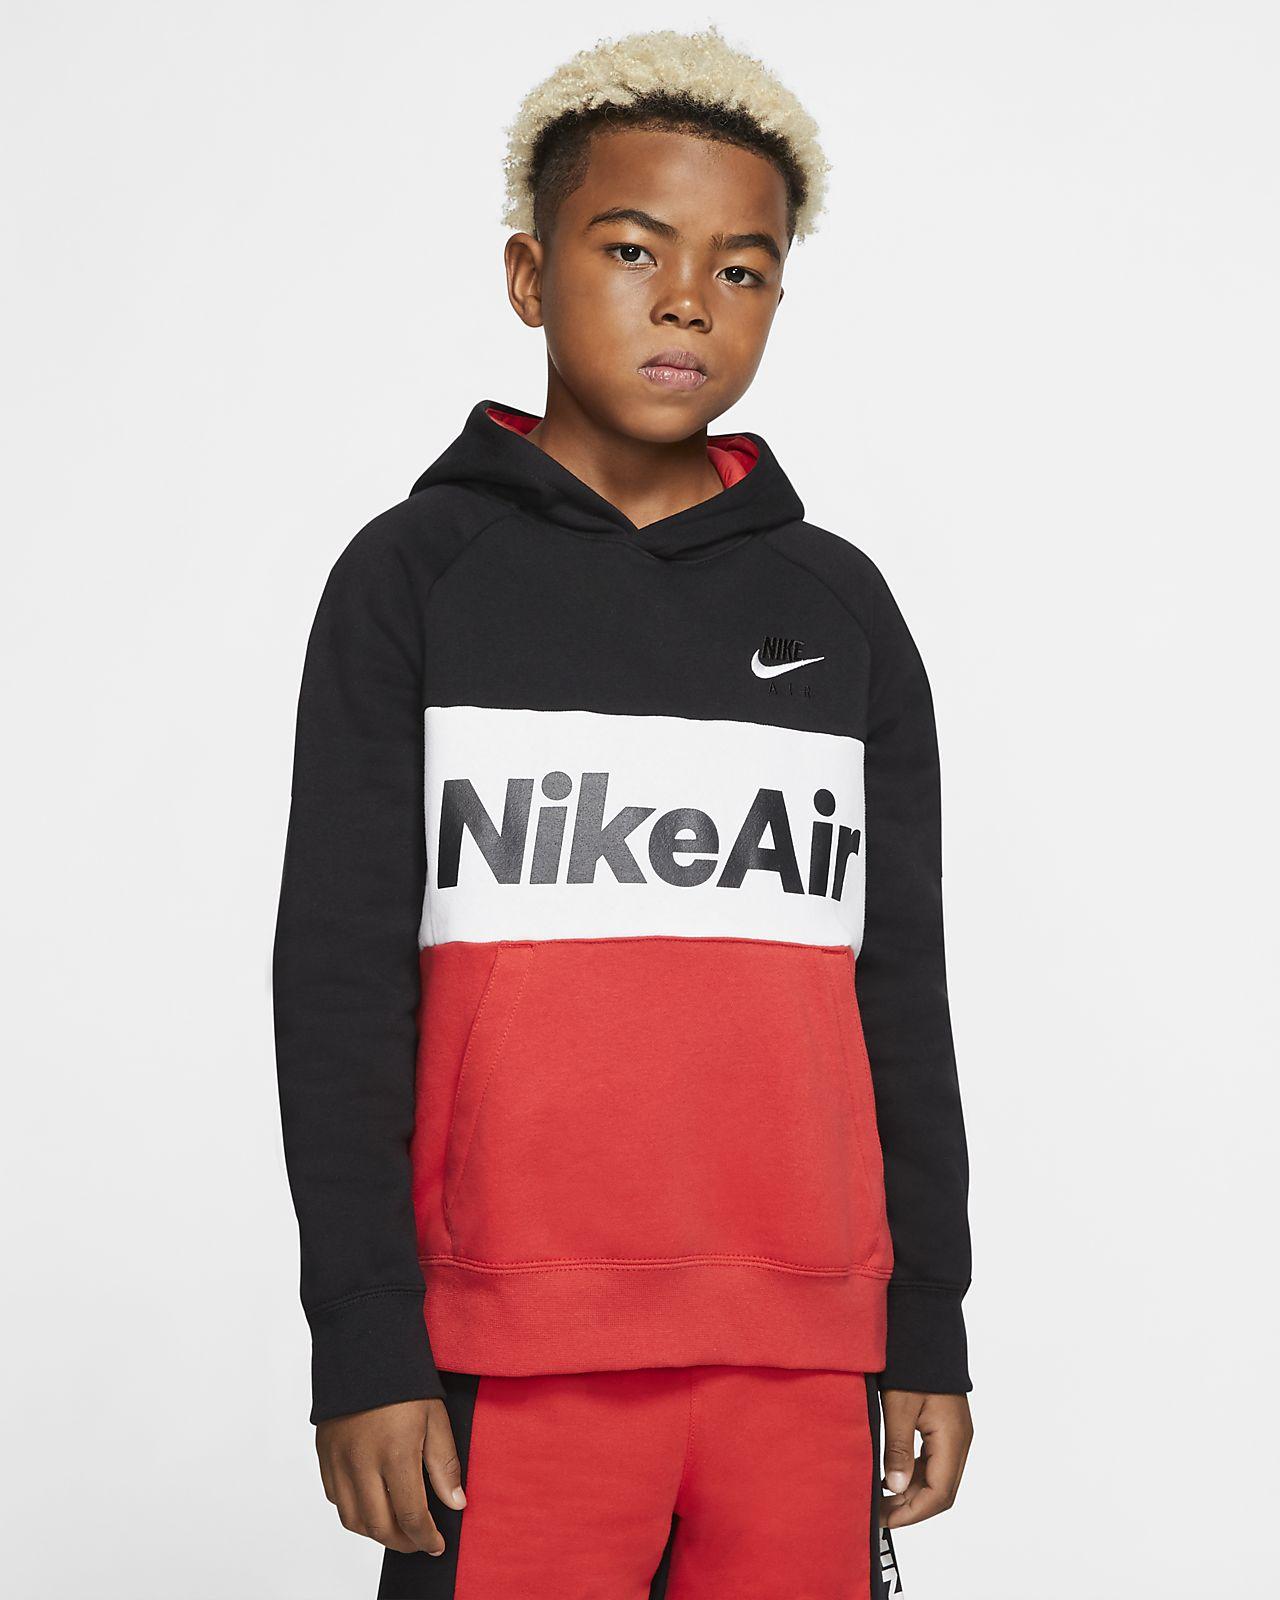 Μπλούζα με κουκούλα Nike Air για μεγάλα αγόρια